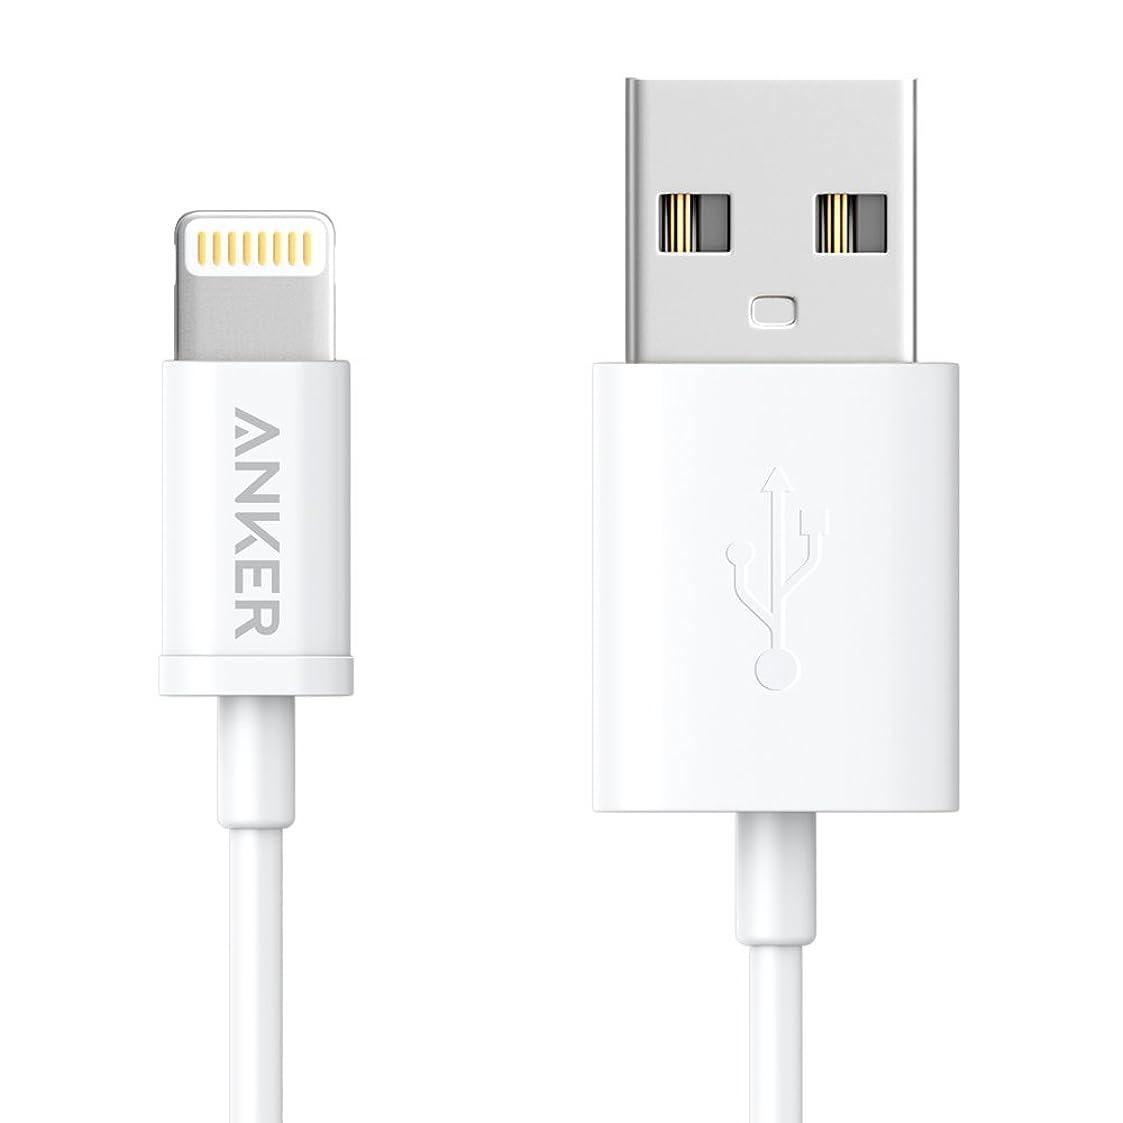 インチ駅混合Anker PowerPort Atom PD 1(PD対応 30W USB-C急速充電器)【GaN (窒化ガリウム) 採用/Power Delivery対応/超コンパクトサイズ 】iPhone XS/XS Max/XR/X、Galaxy S9 / S9+、MacBook、その他USB-C機器対応